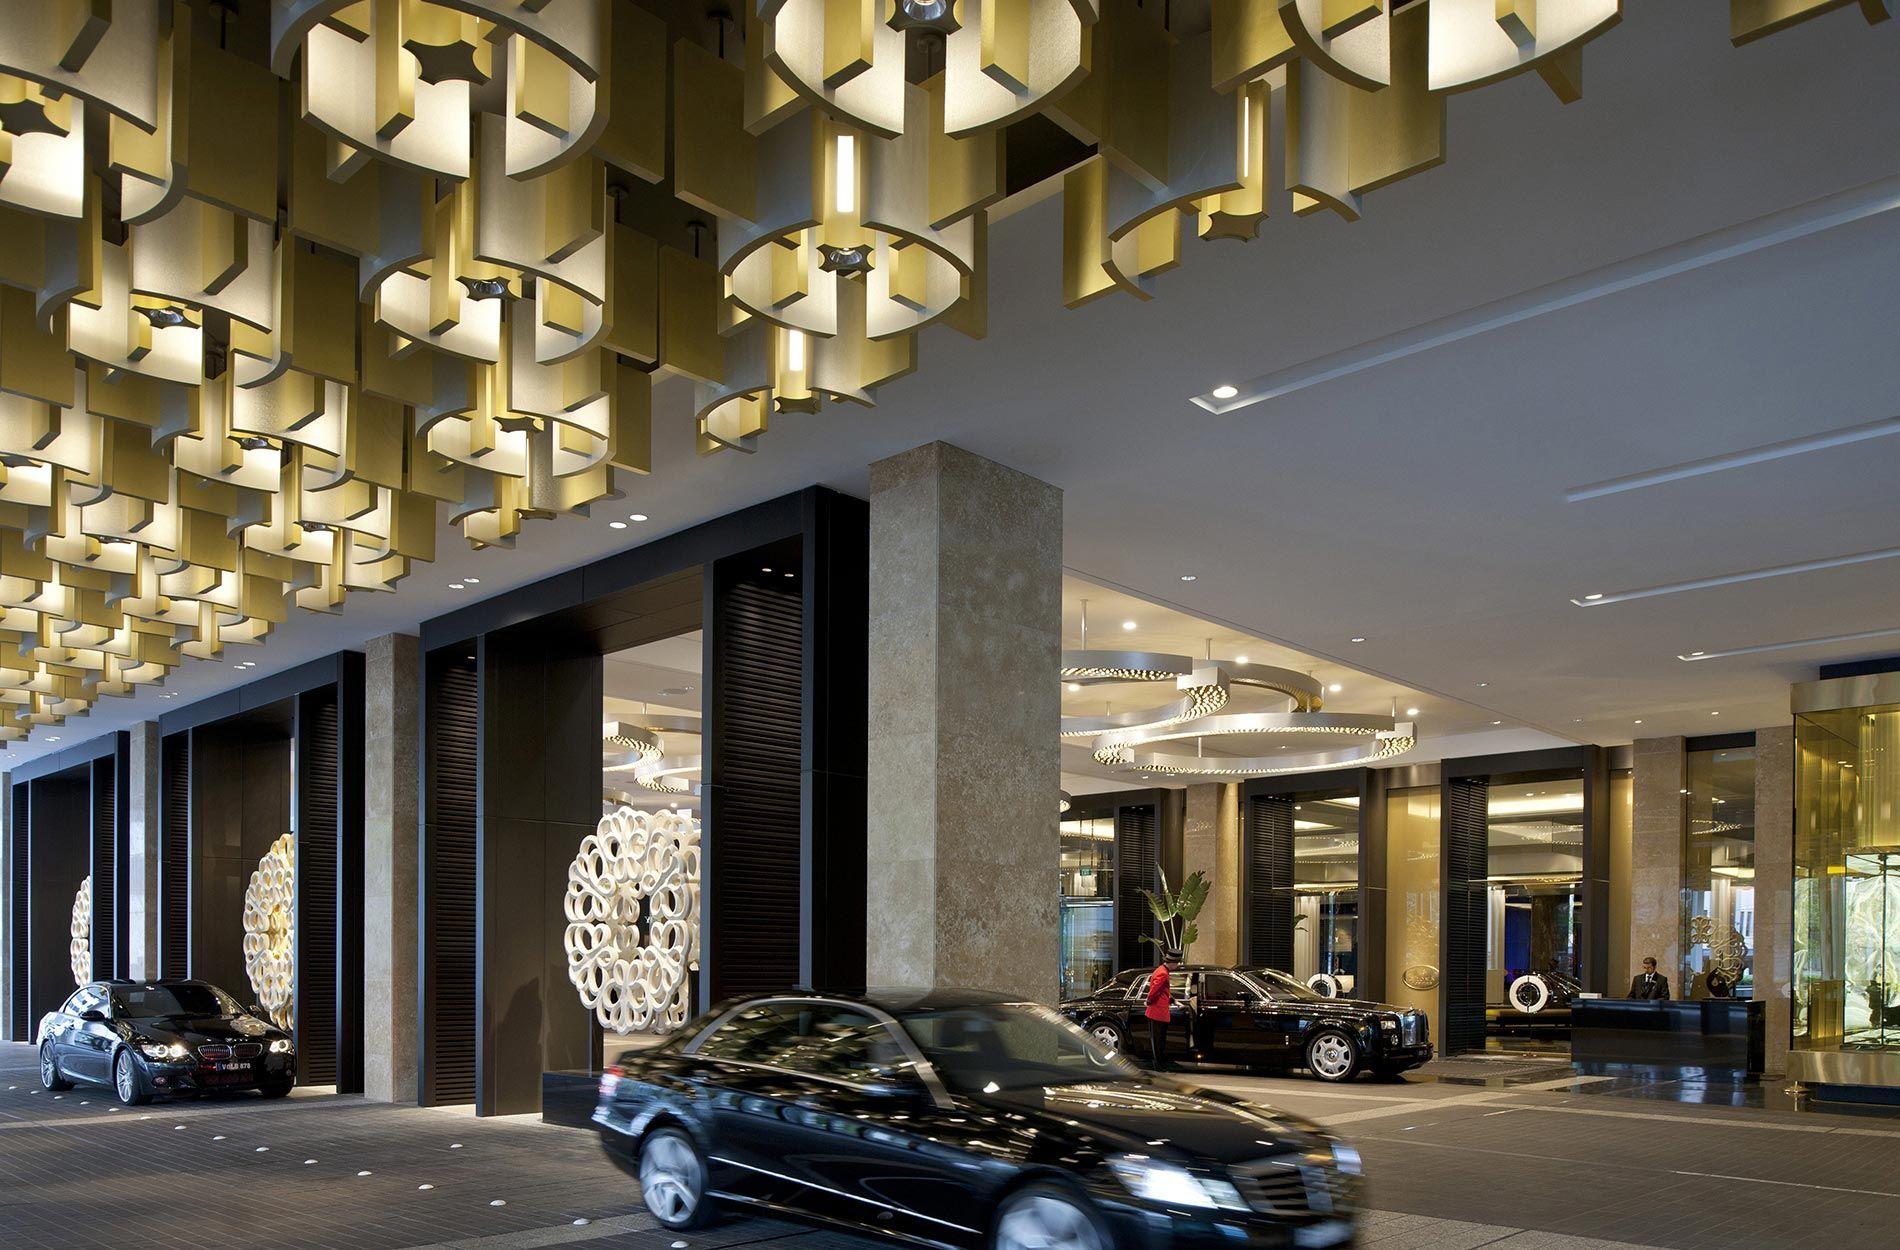 Intercontinental hotel porte cochere google search for Luxury hotel search